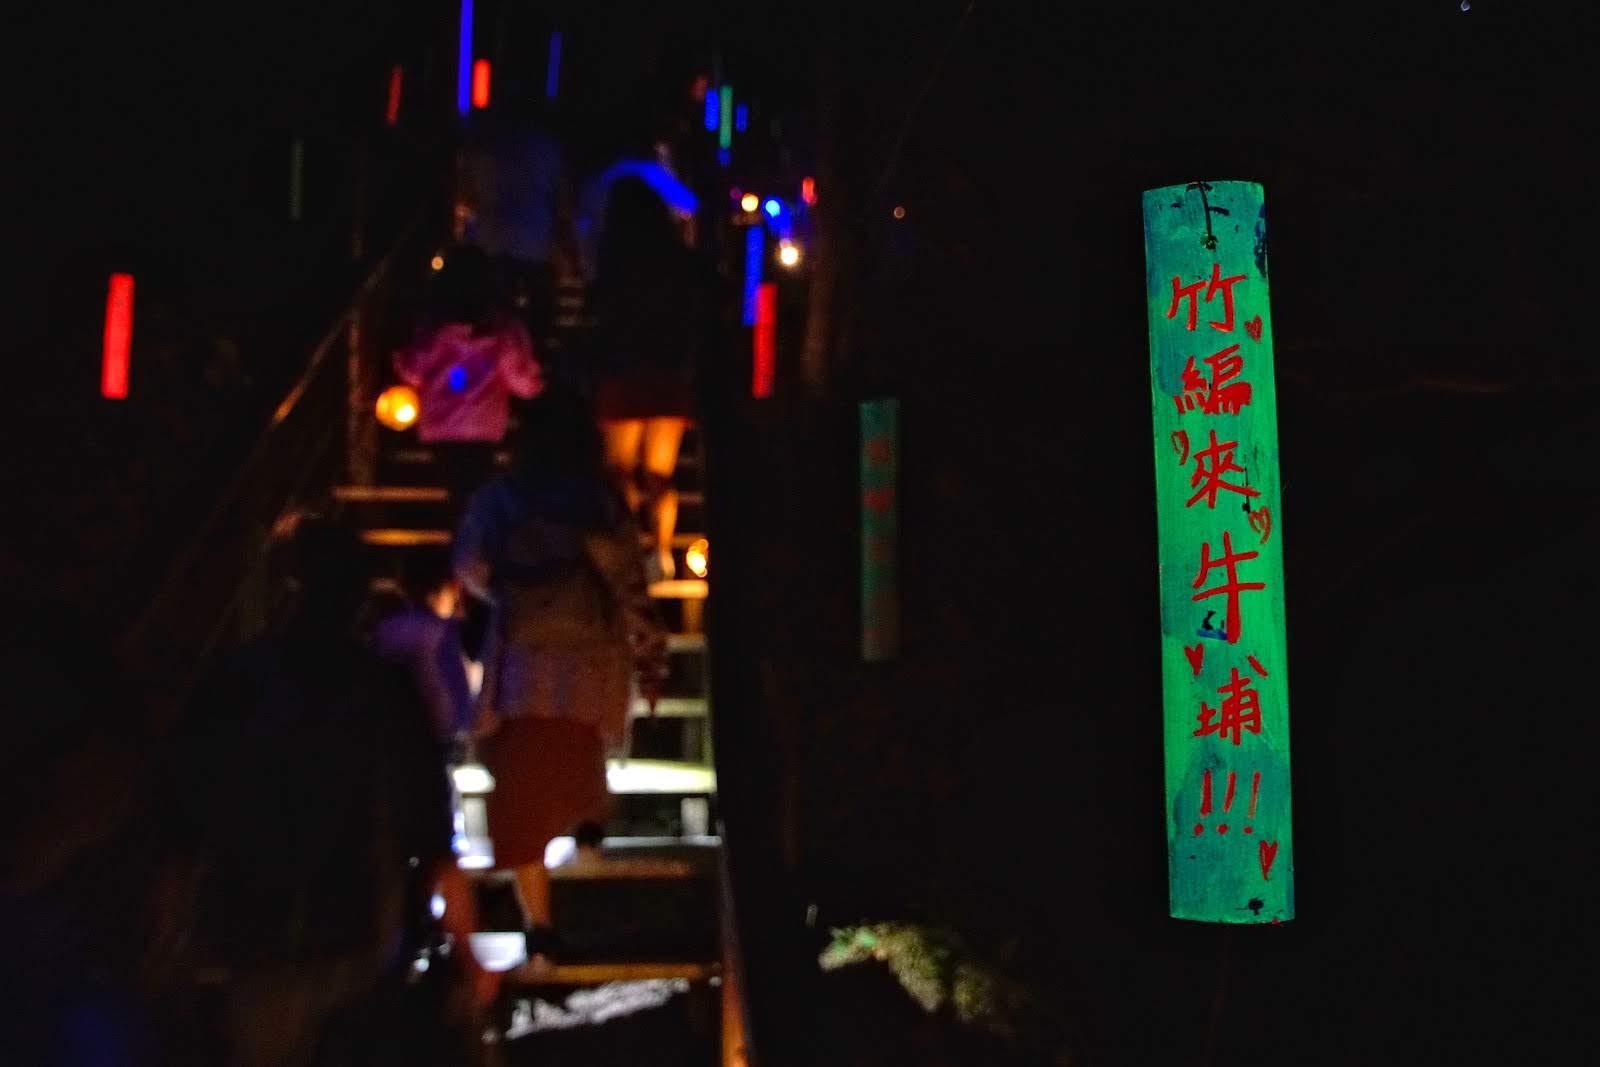 [台南][龍崎區] 2019龍崎光節-空山祭×崎聚市集×竹炭故事館|全攻略懶人包|遊記